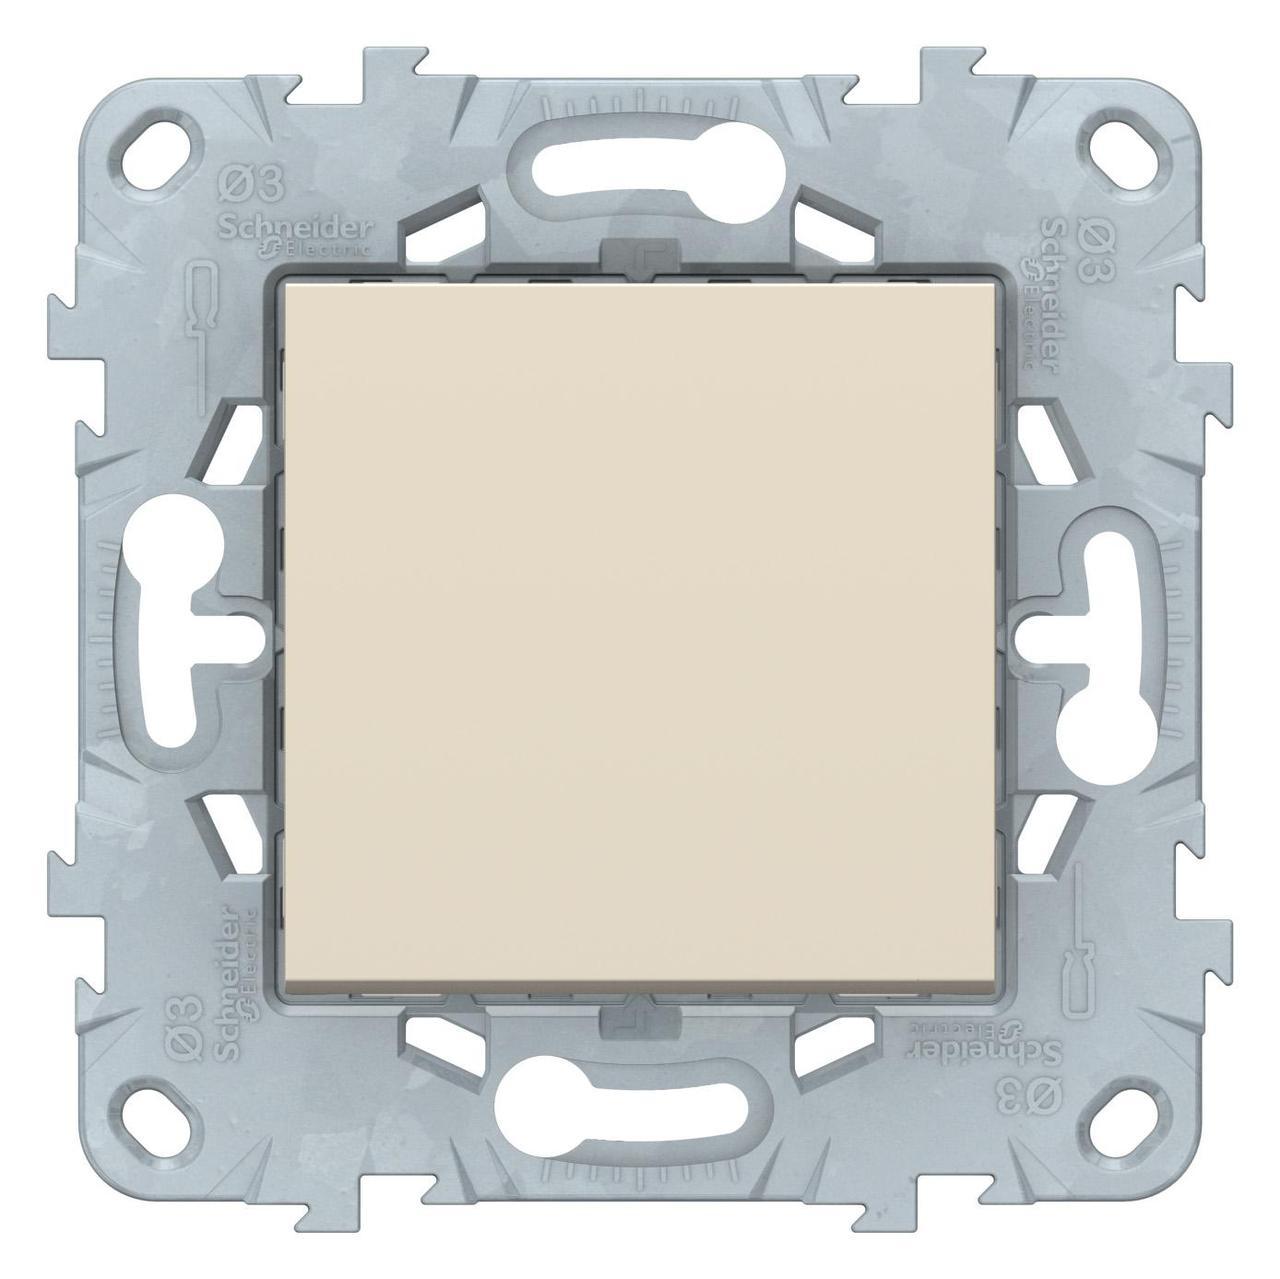 Выключатель 1-клавишный , Бежевый, серия Unica New, Schneider Electric